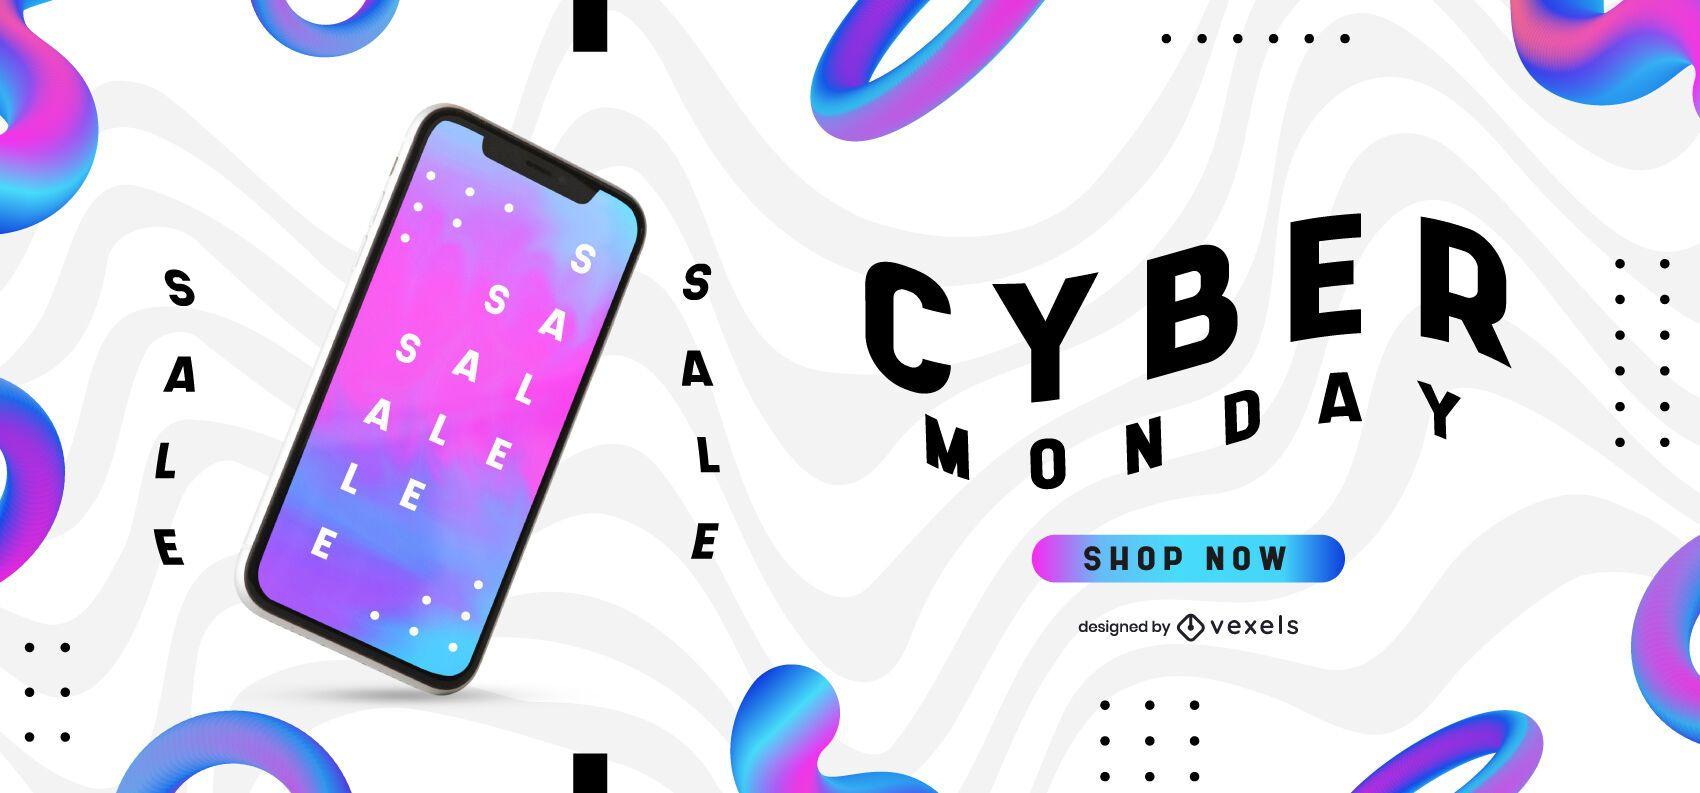 Cyber monday wavy slider design